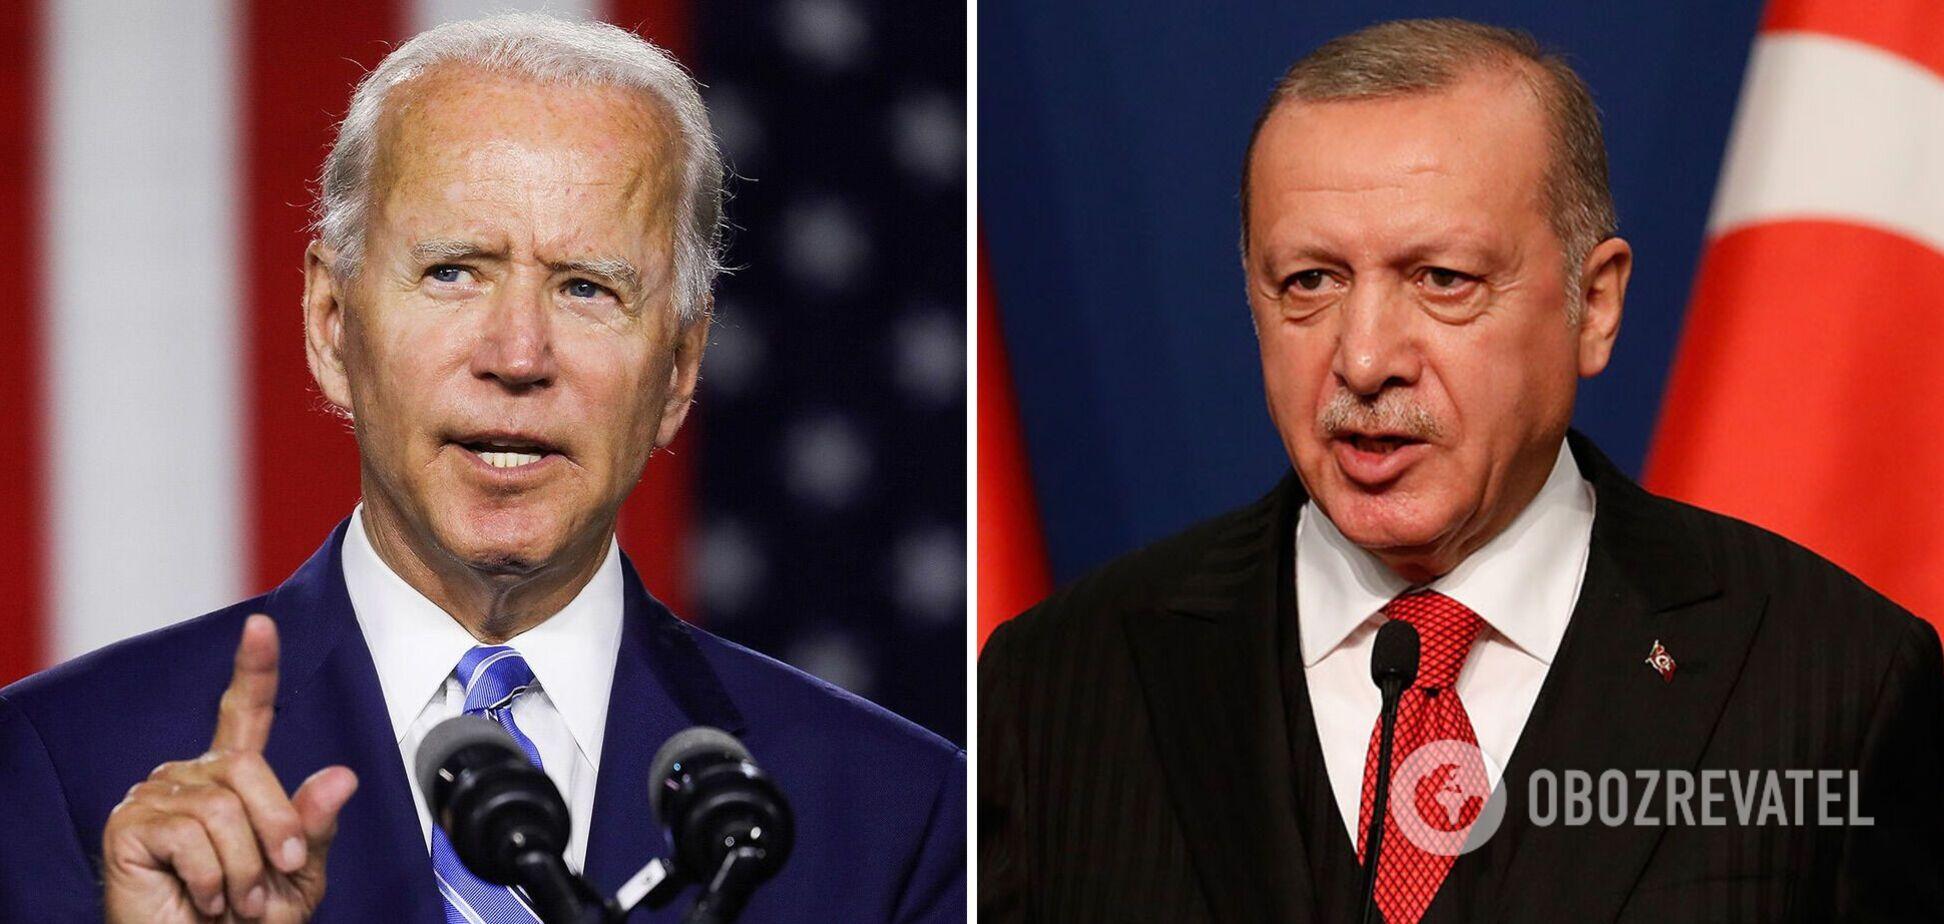 Байден предупредил Эрдогана, что планирует признать геноцид армян – СМИ